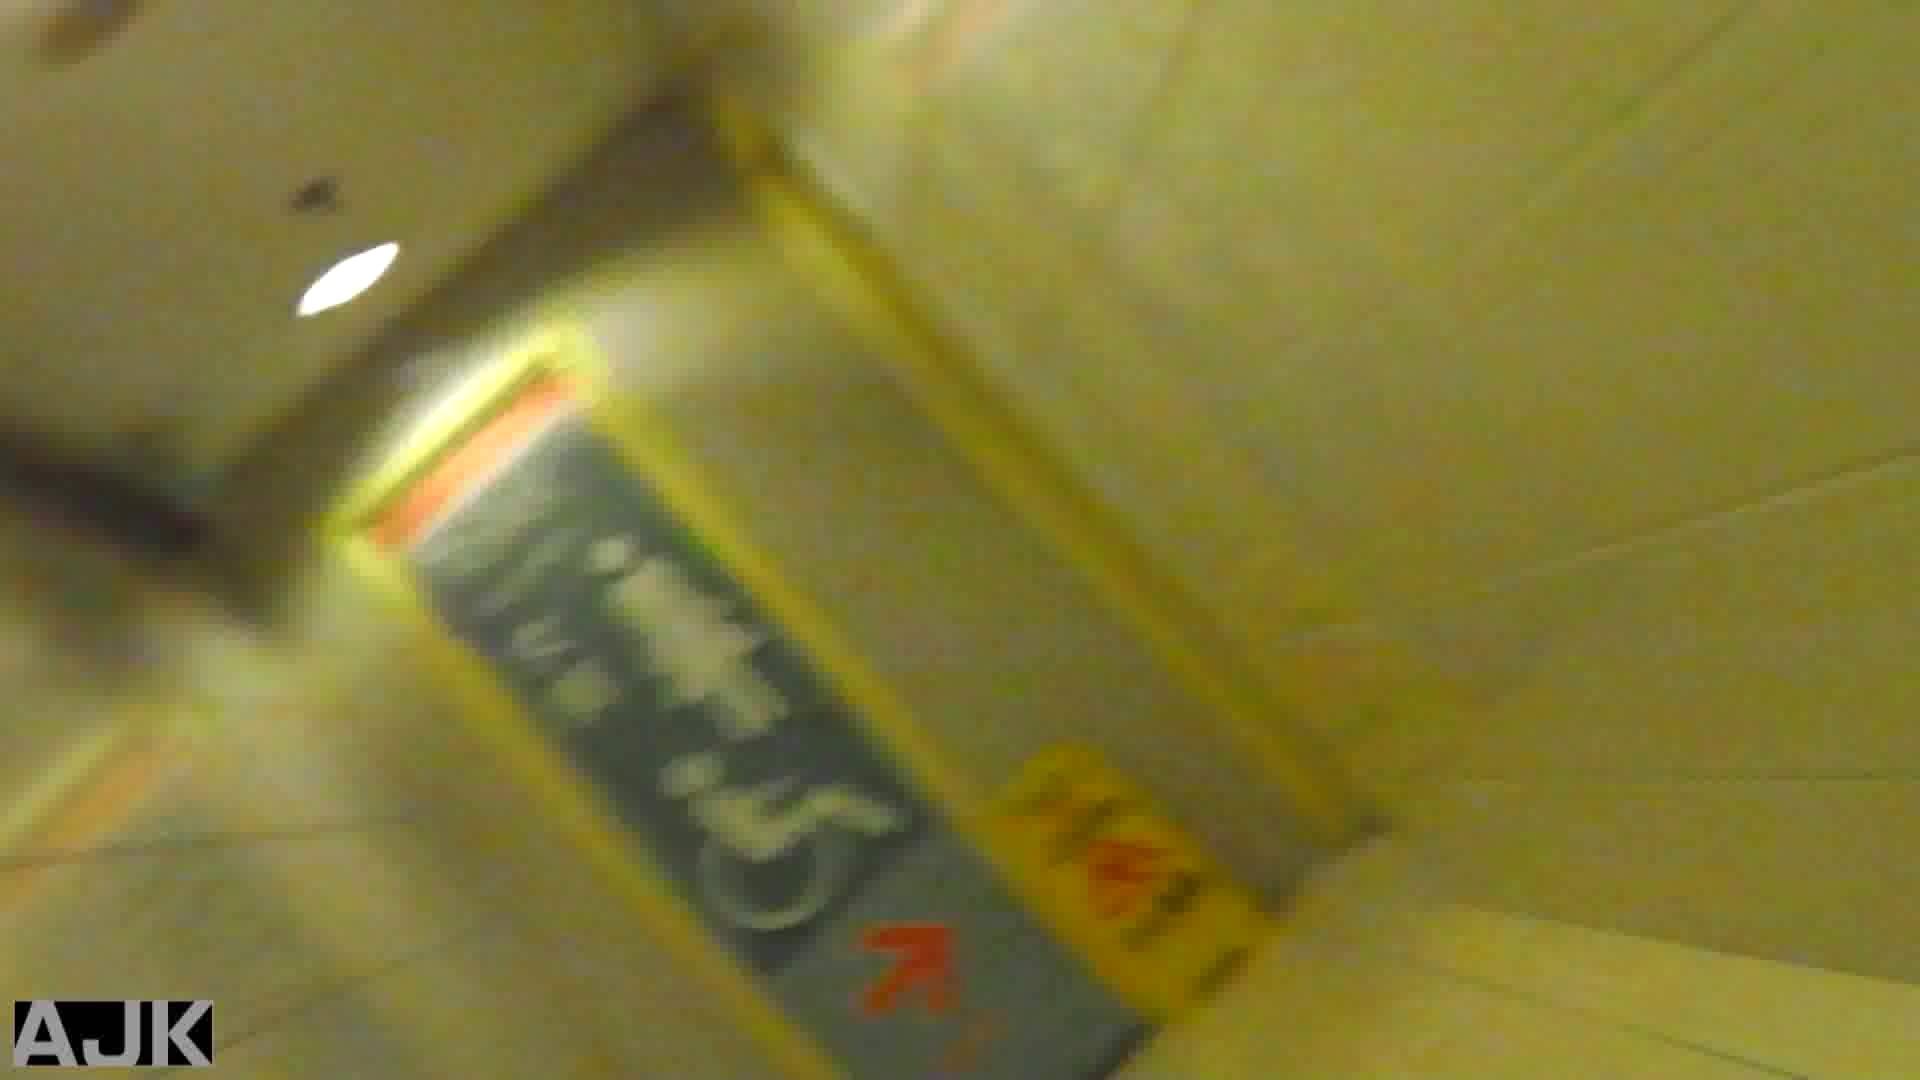 隣国上階級エリアの令嬢たちが集うデパートお手洗い Vol.02 お手洗い | 色っぽいOL達  77pic 11